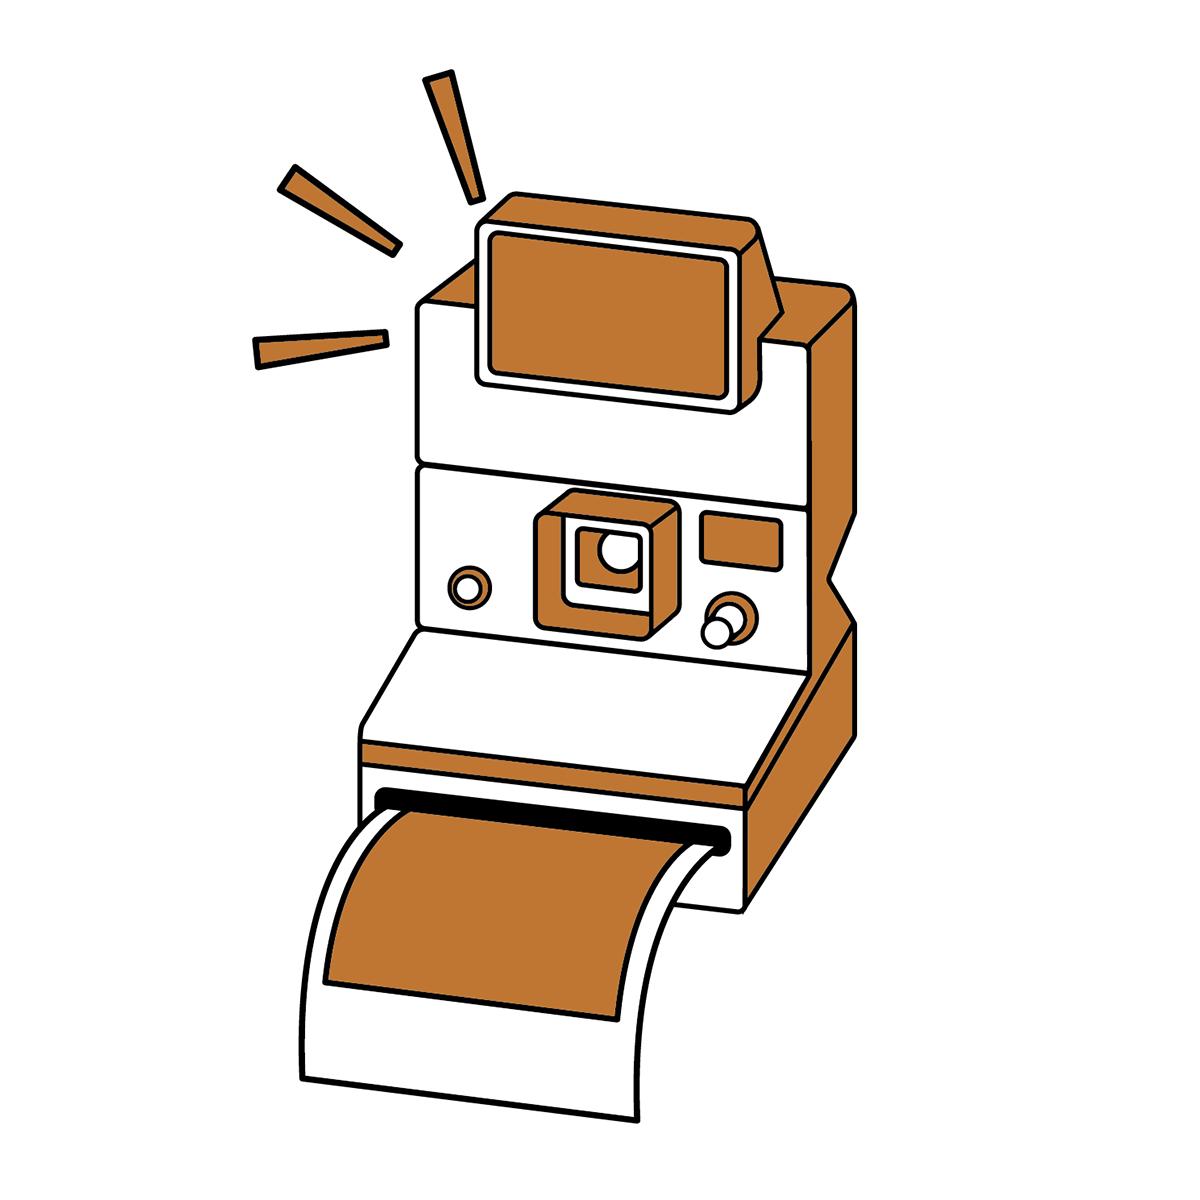 MIA35581 - Wooden Boxes & Crates